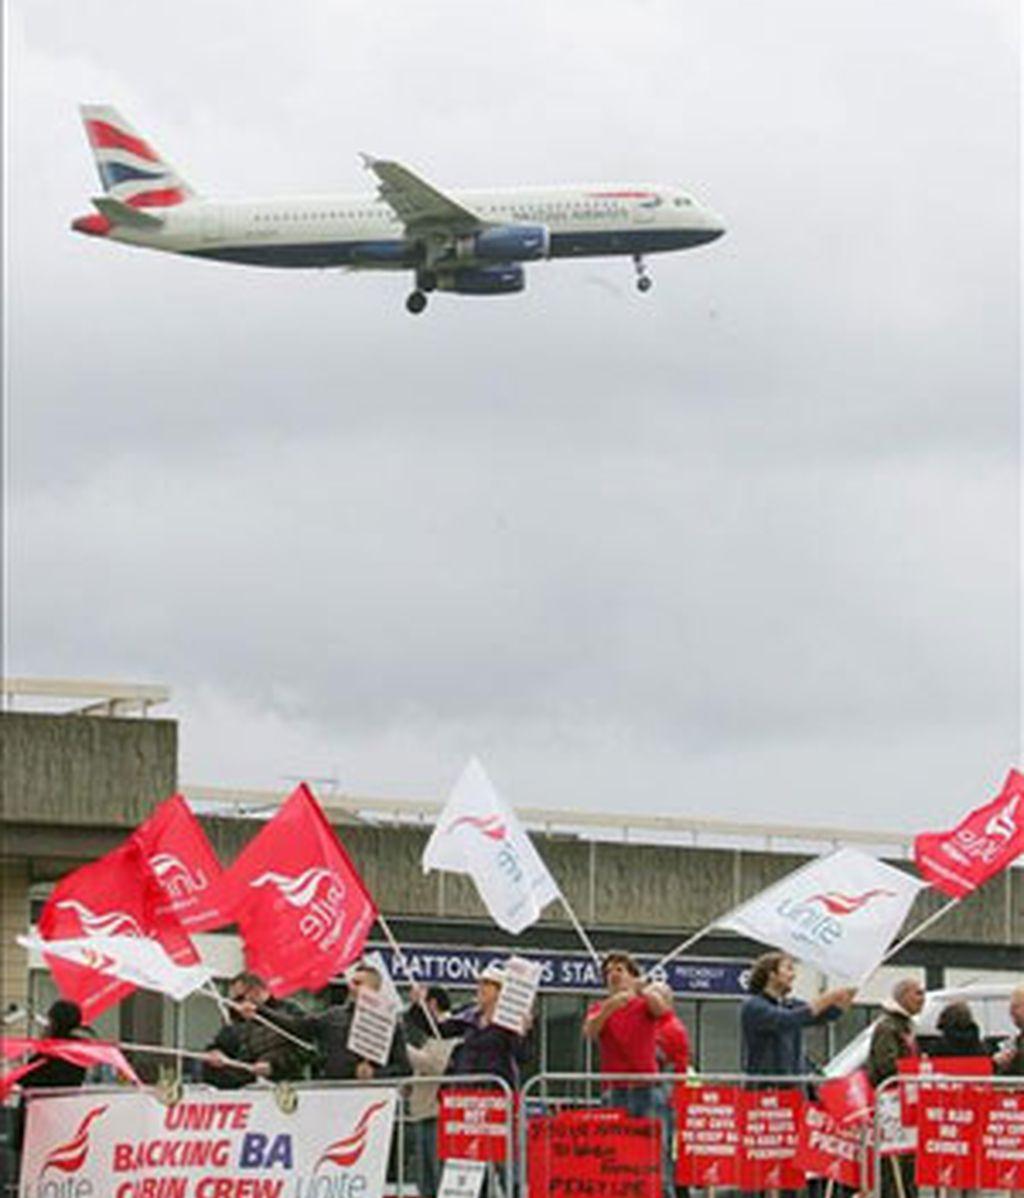 Un avión de la aerolínea British Airways se acerca a una pista de aterrizaje mientras trabajadores de la empresa protestan. Foto: EFE.